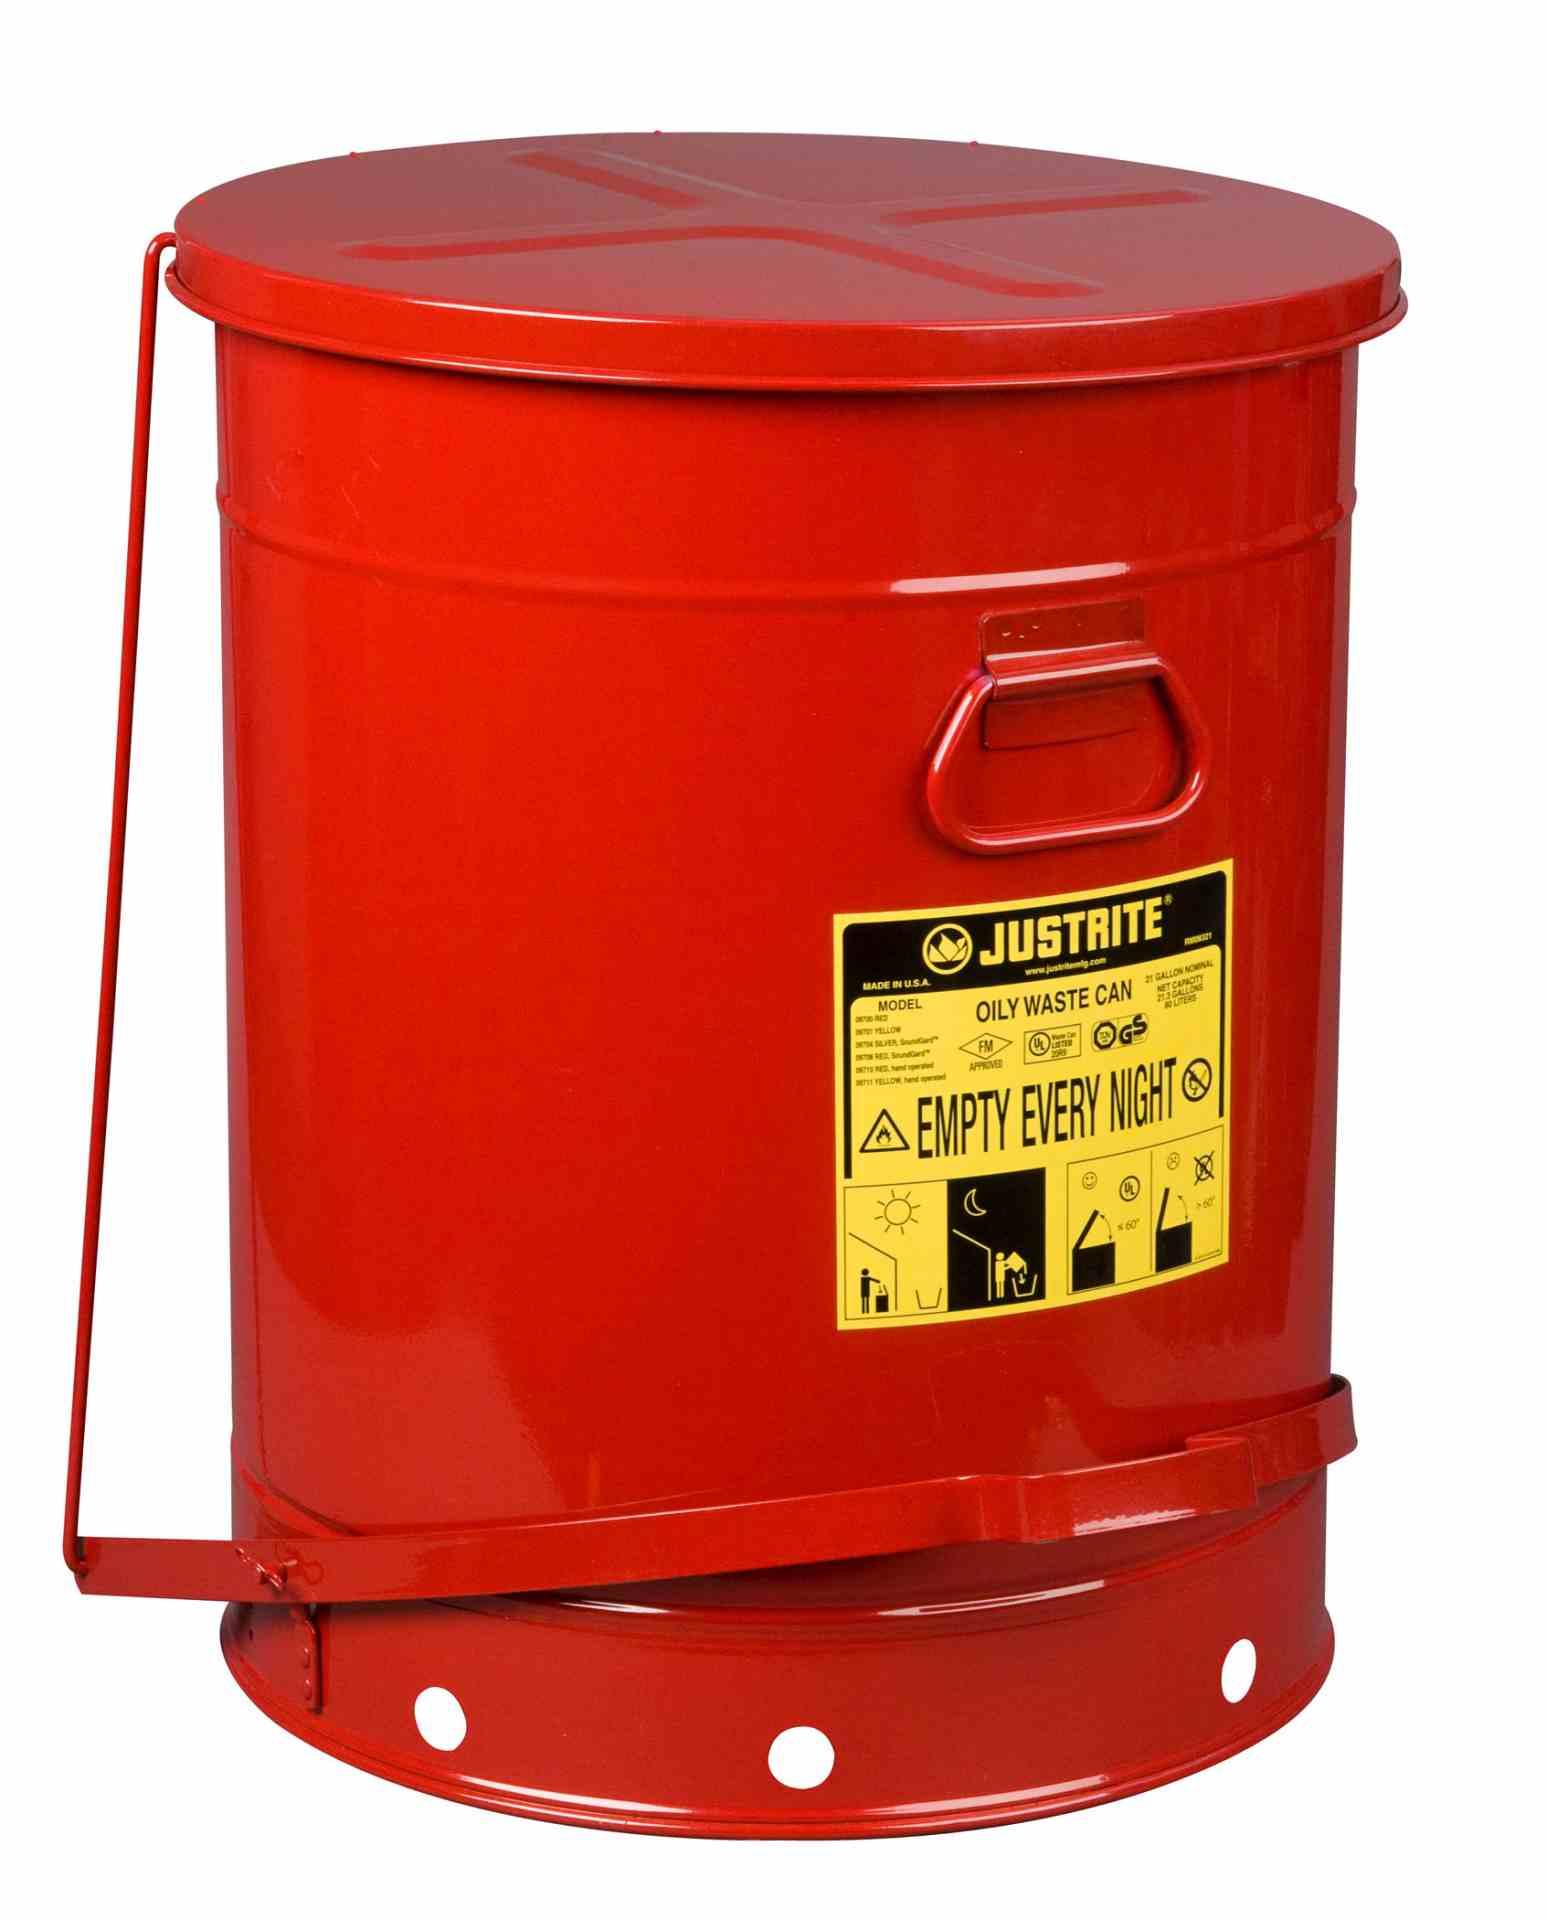 Pojemnik na odpady zaolejone, dźwignia nożna, czerwony 80 l.